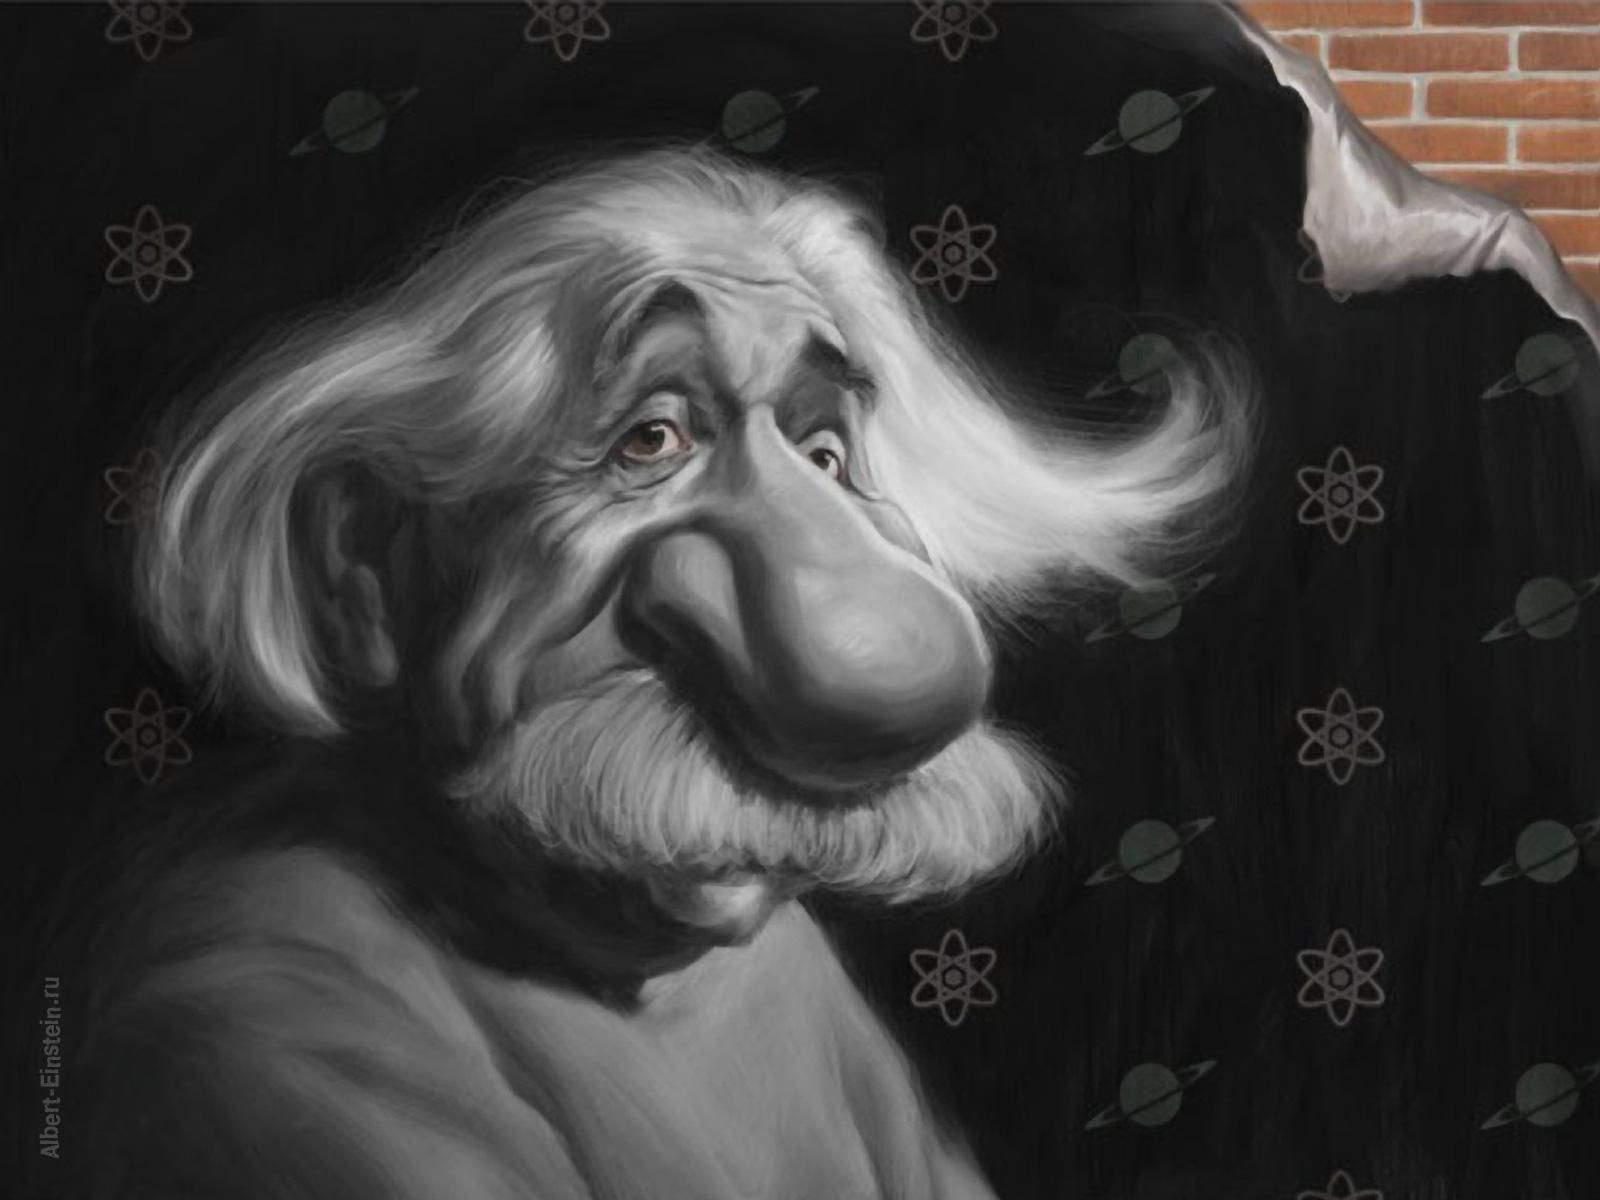 Мужу днем, рисунки стариков прикольные